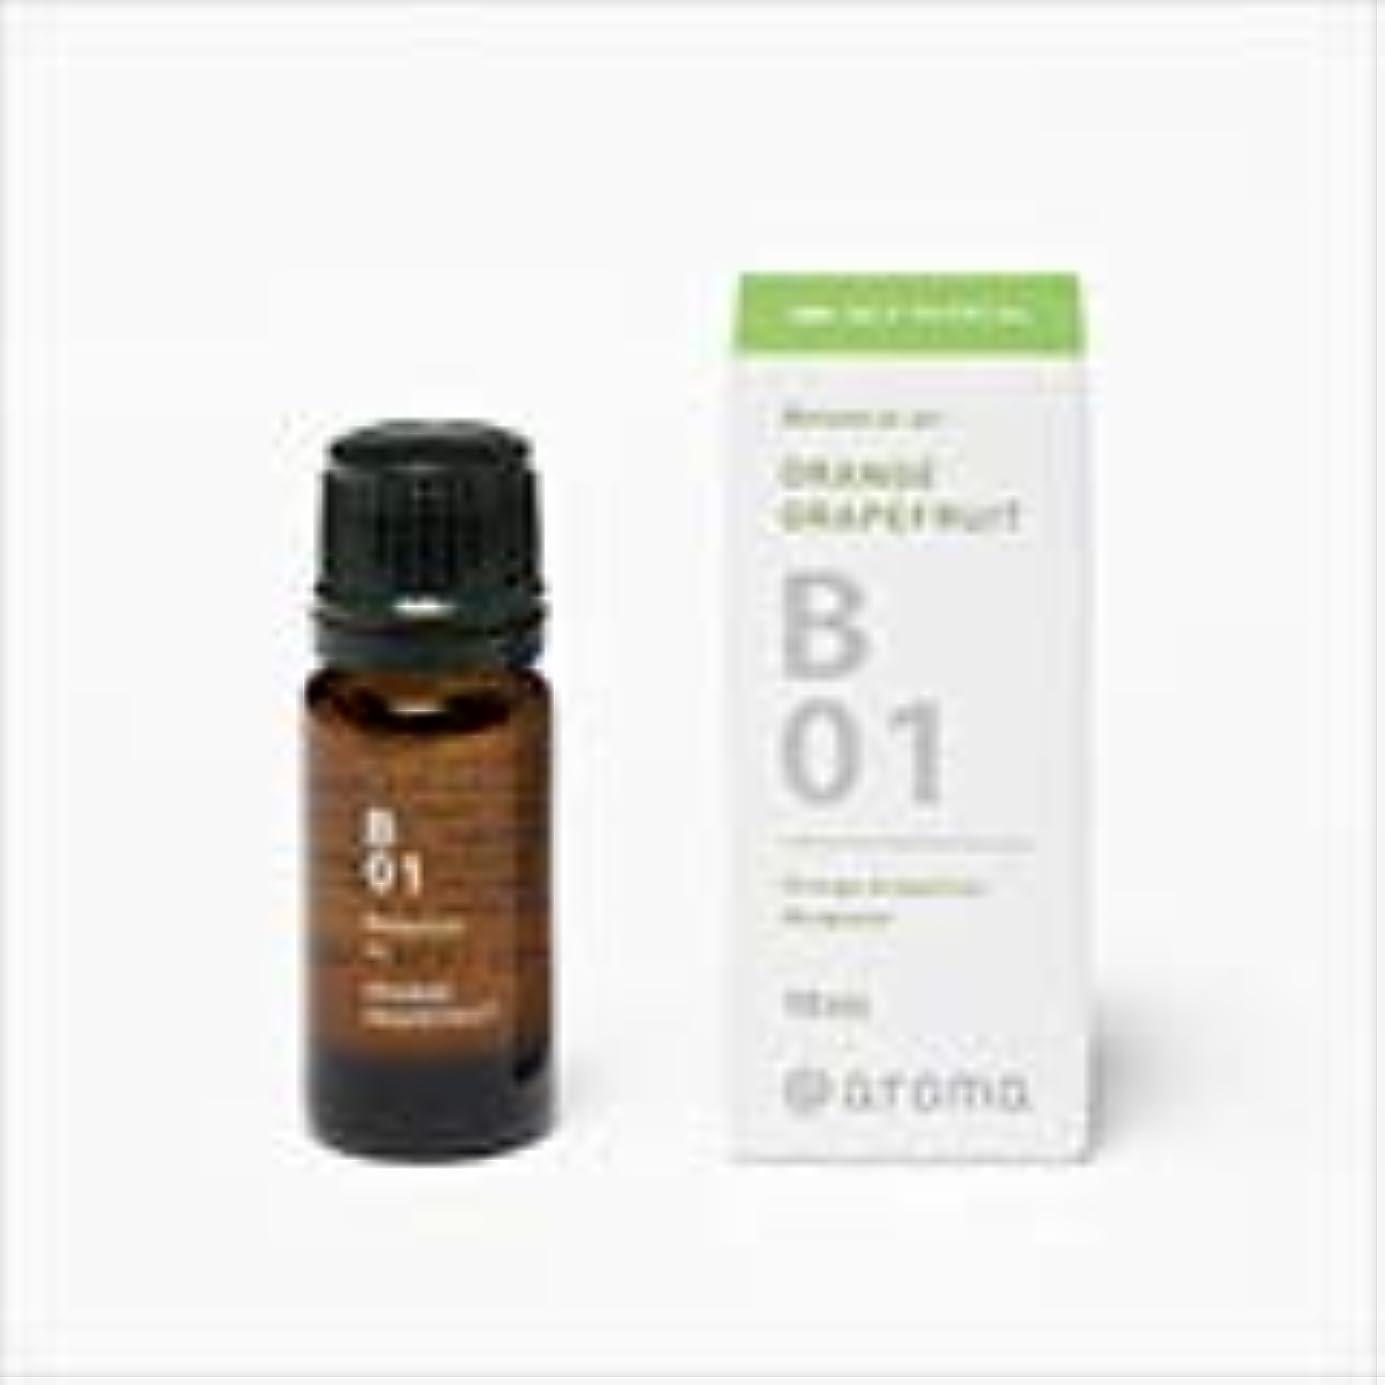 列車ドライバ技術アットアロマ 100%pure essential oil <Botanical air ベルガモットラベンダー>